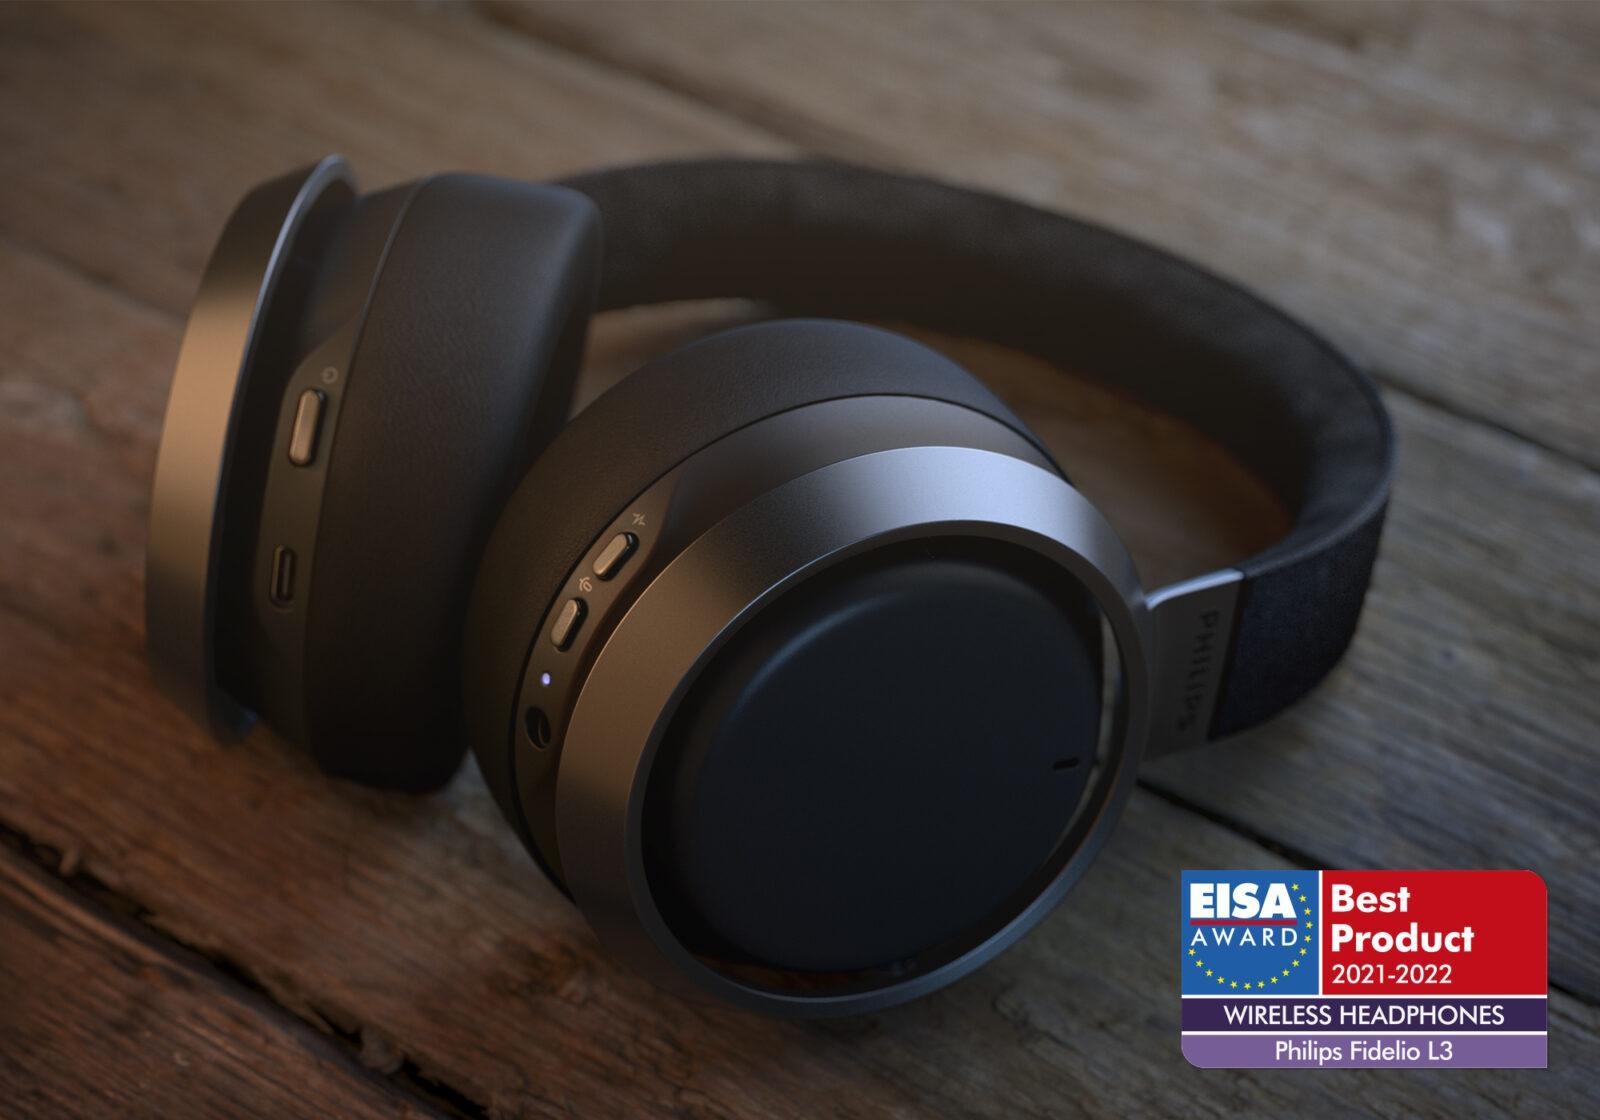 Аудиотехника и телевизоры Philips получили четыре премии EISA (fidelio l3 lifestyle)